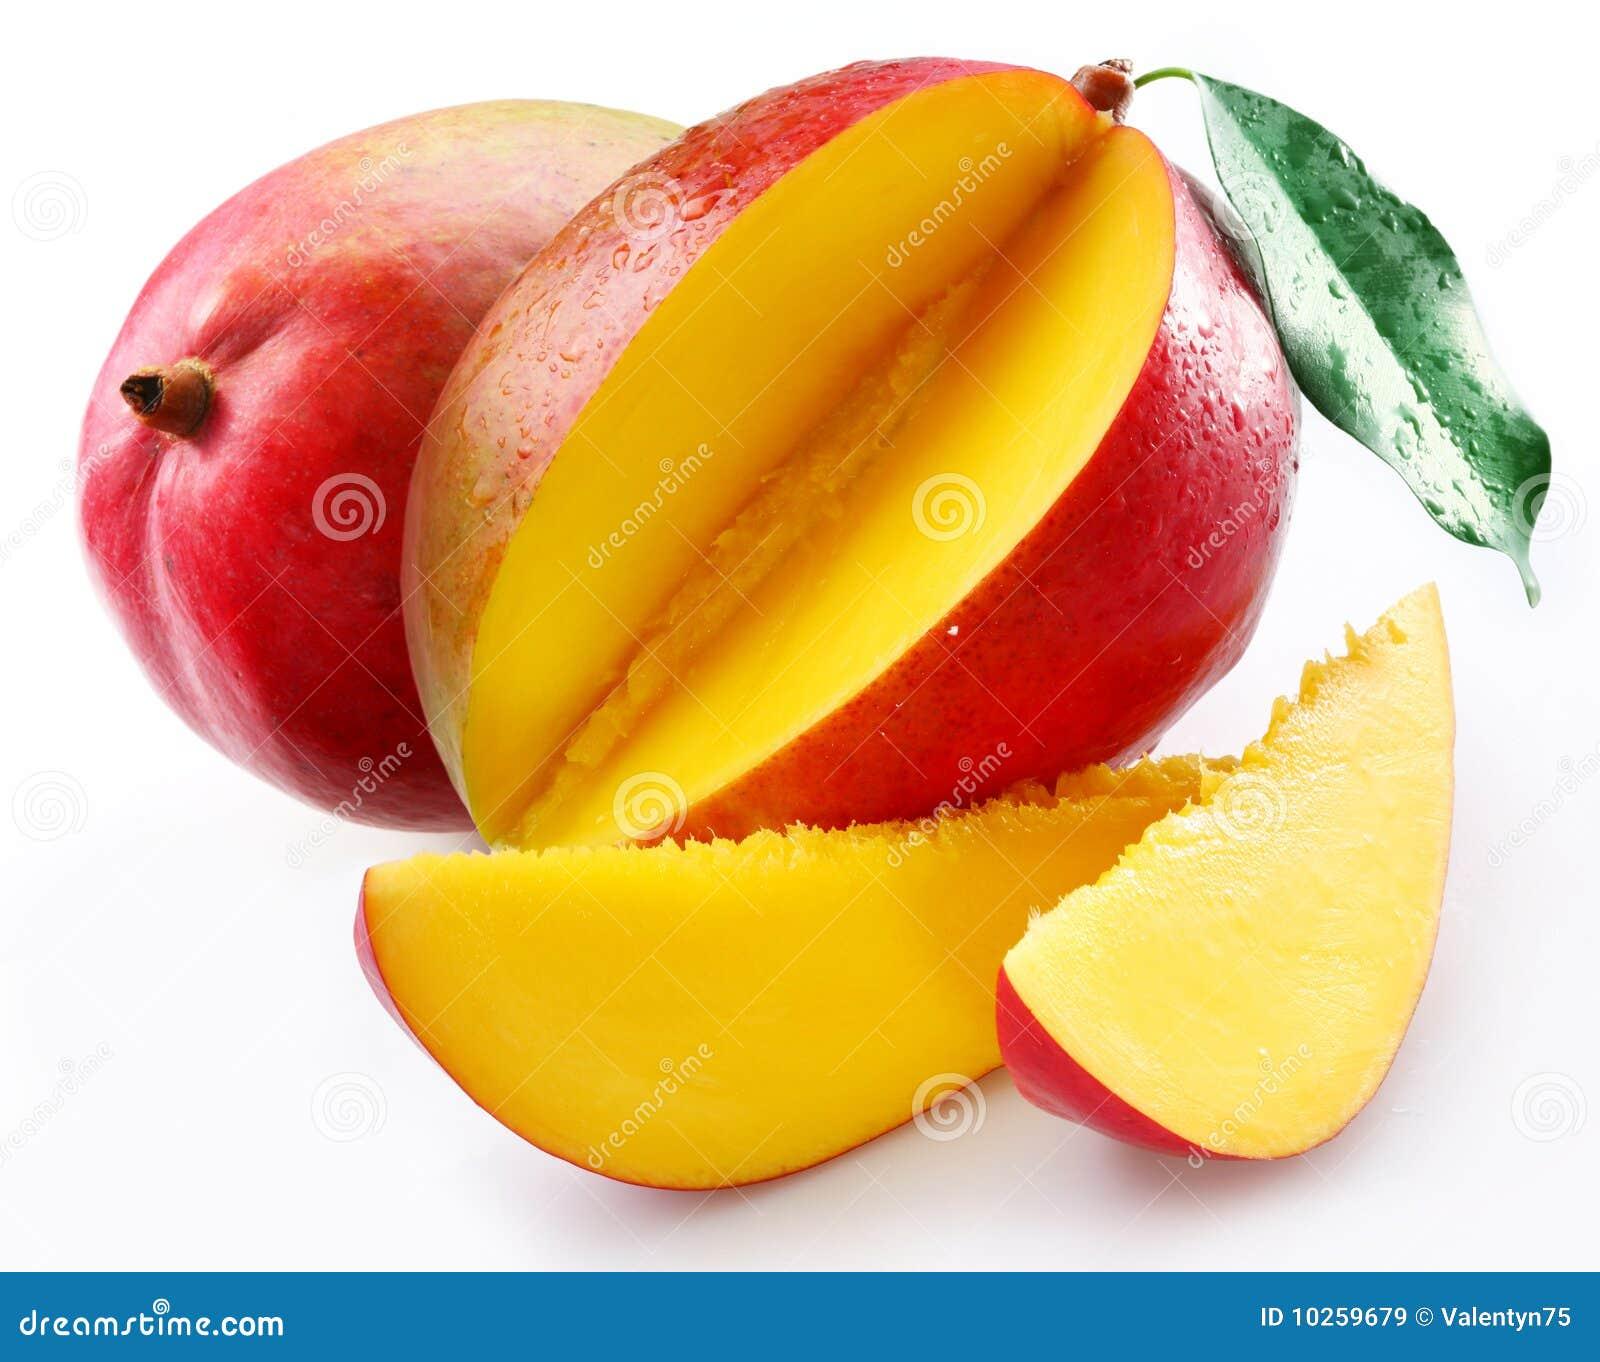 раздел мангоа